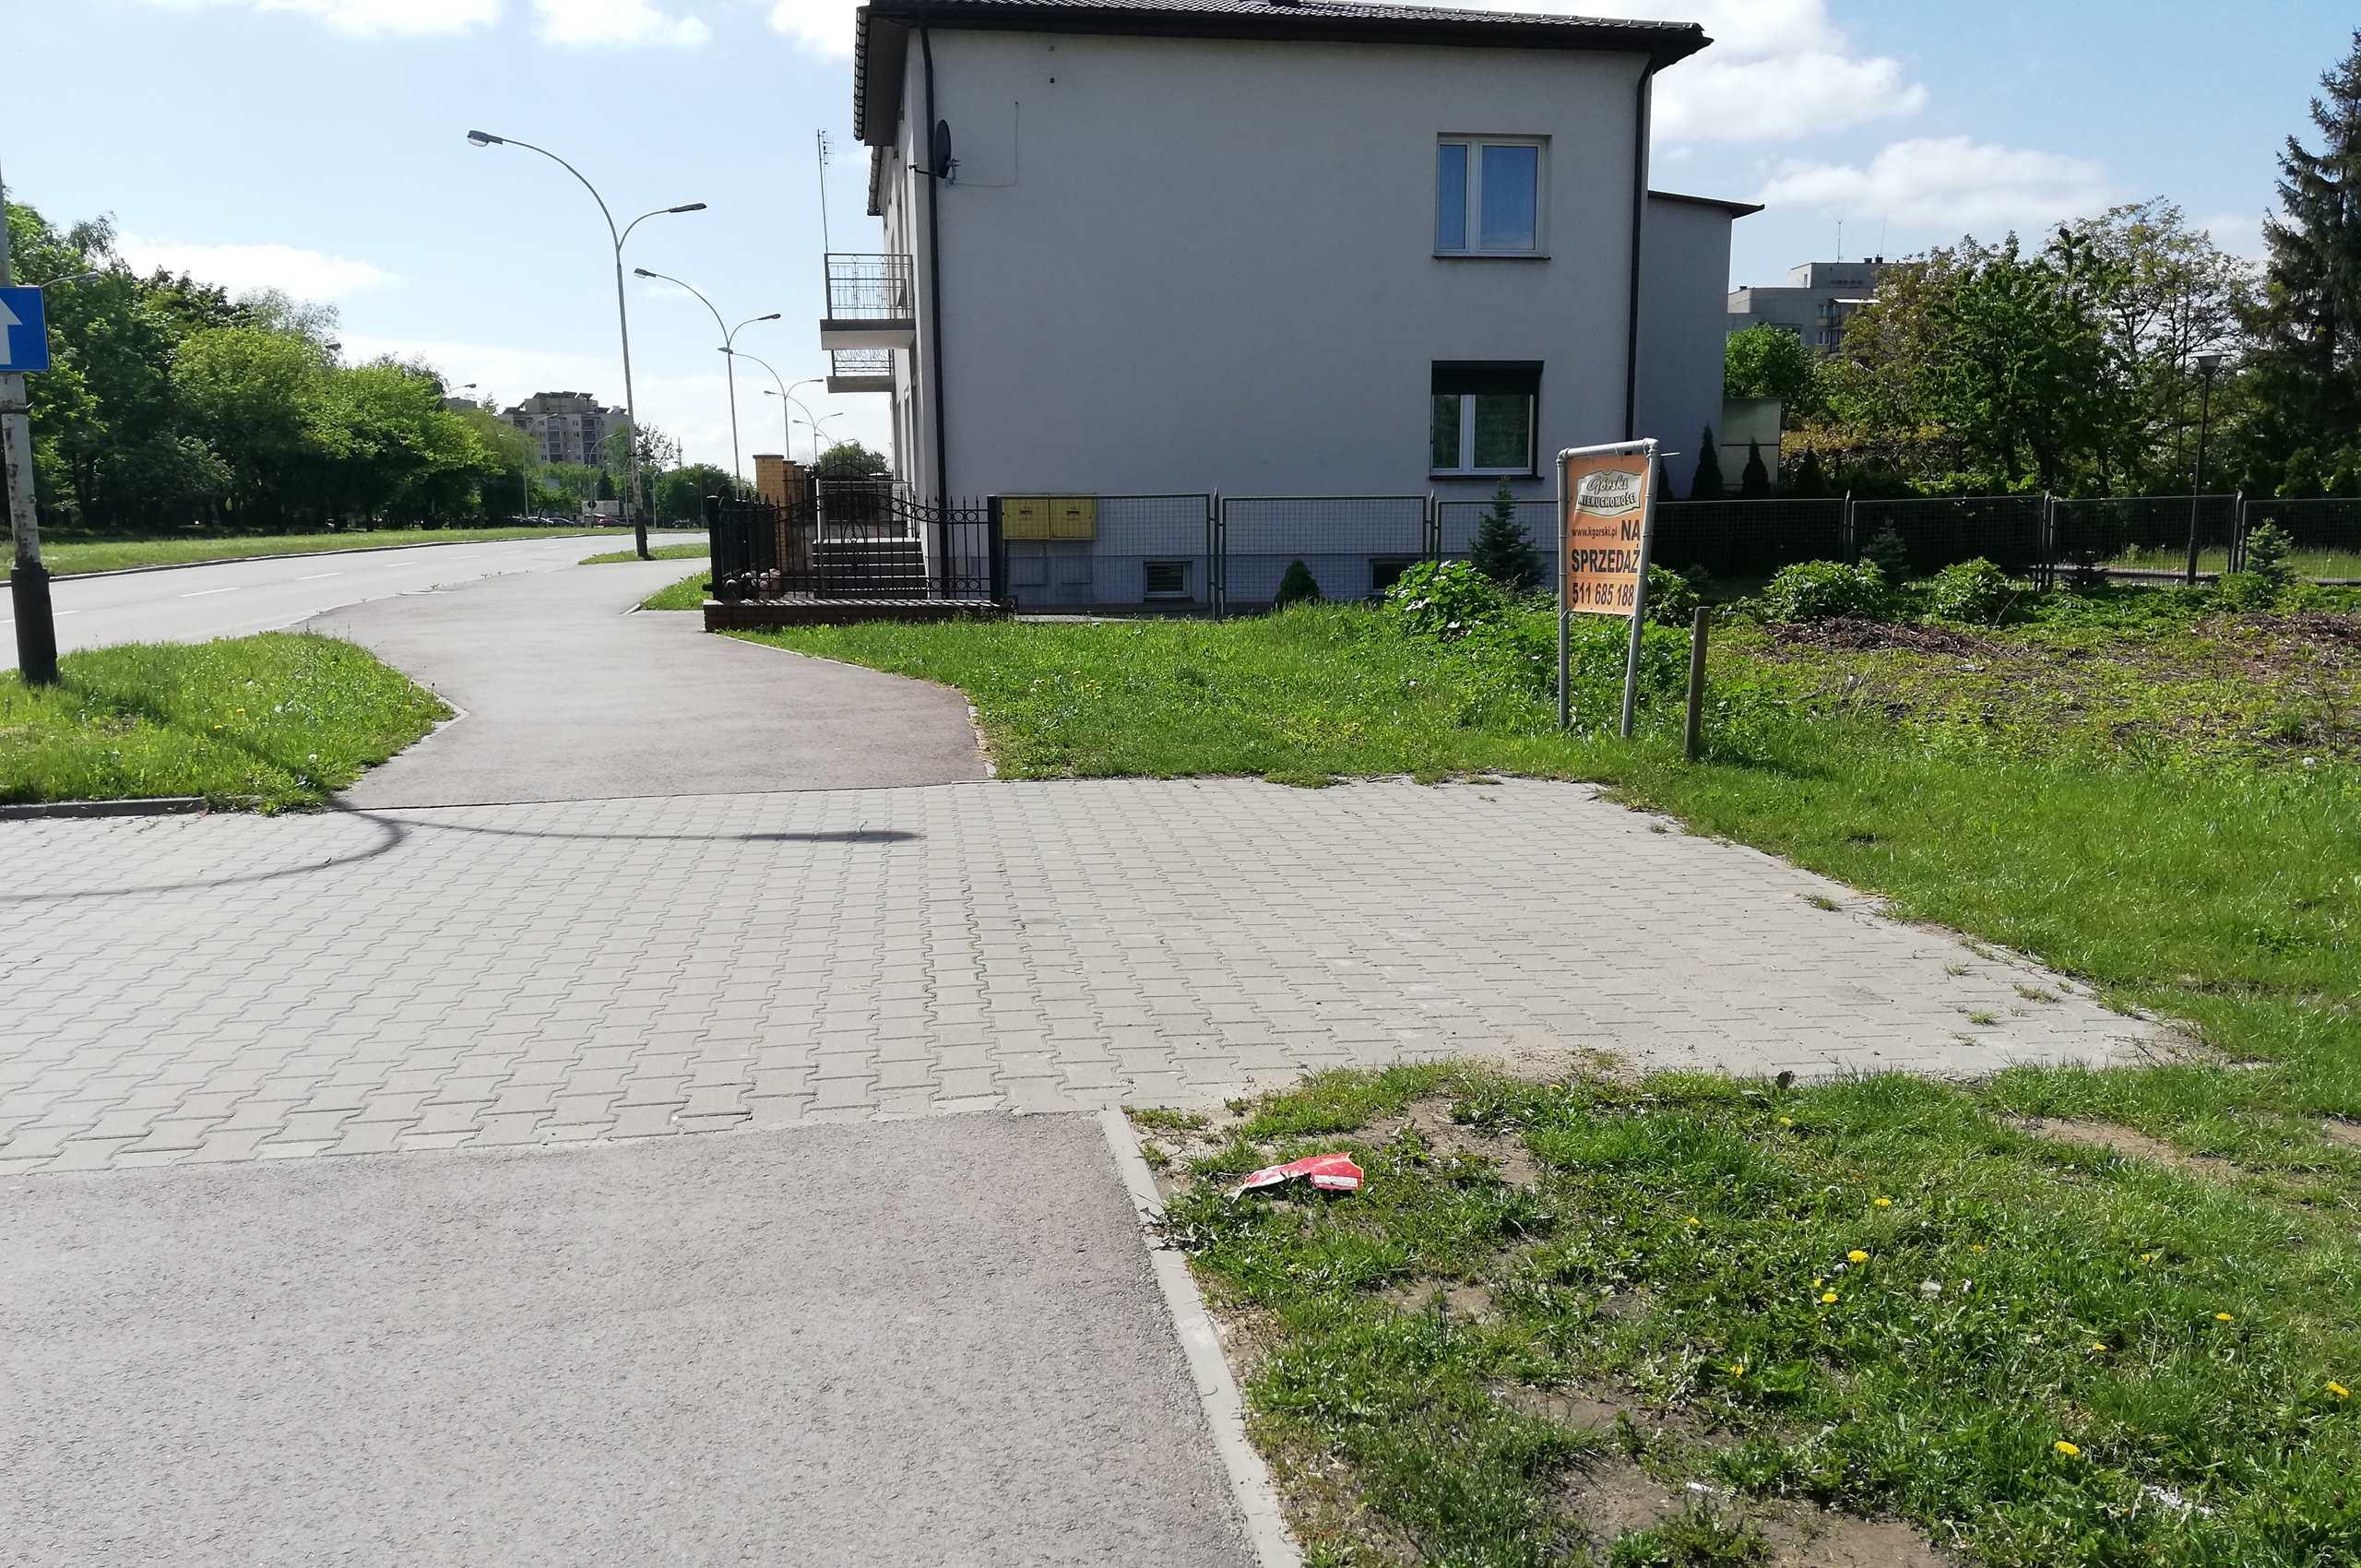 działka Zamość Wyszyńskiego - działka na sprzedaż - Krzysztof Górski Nieruchomości Zamość